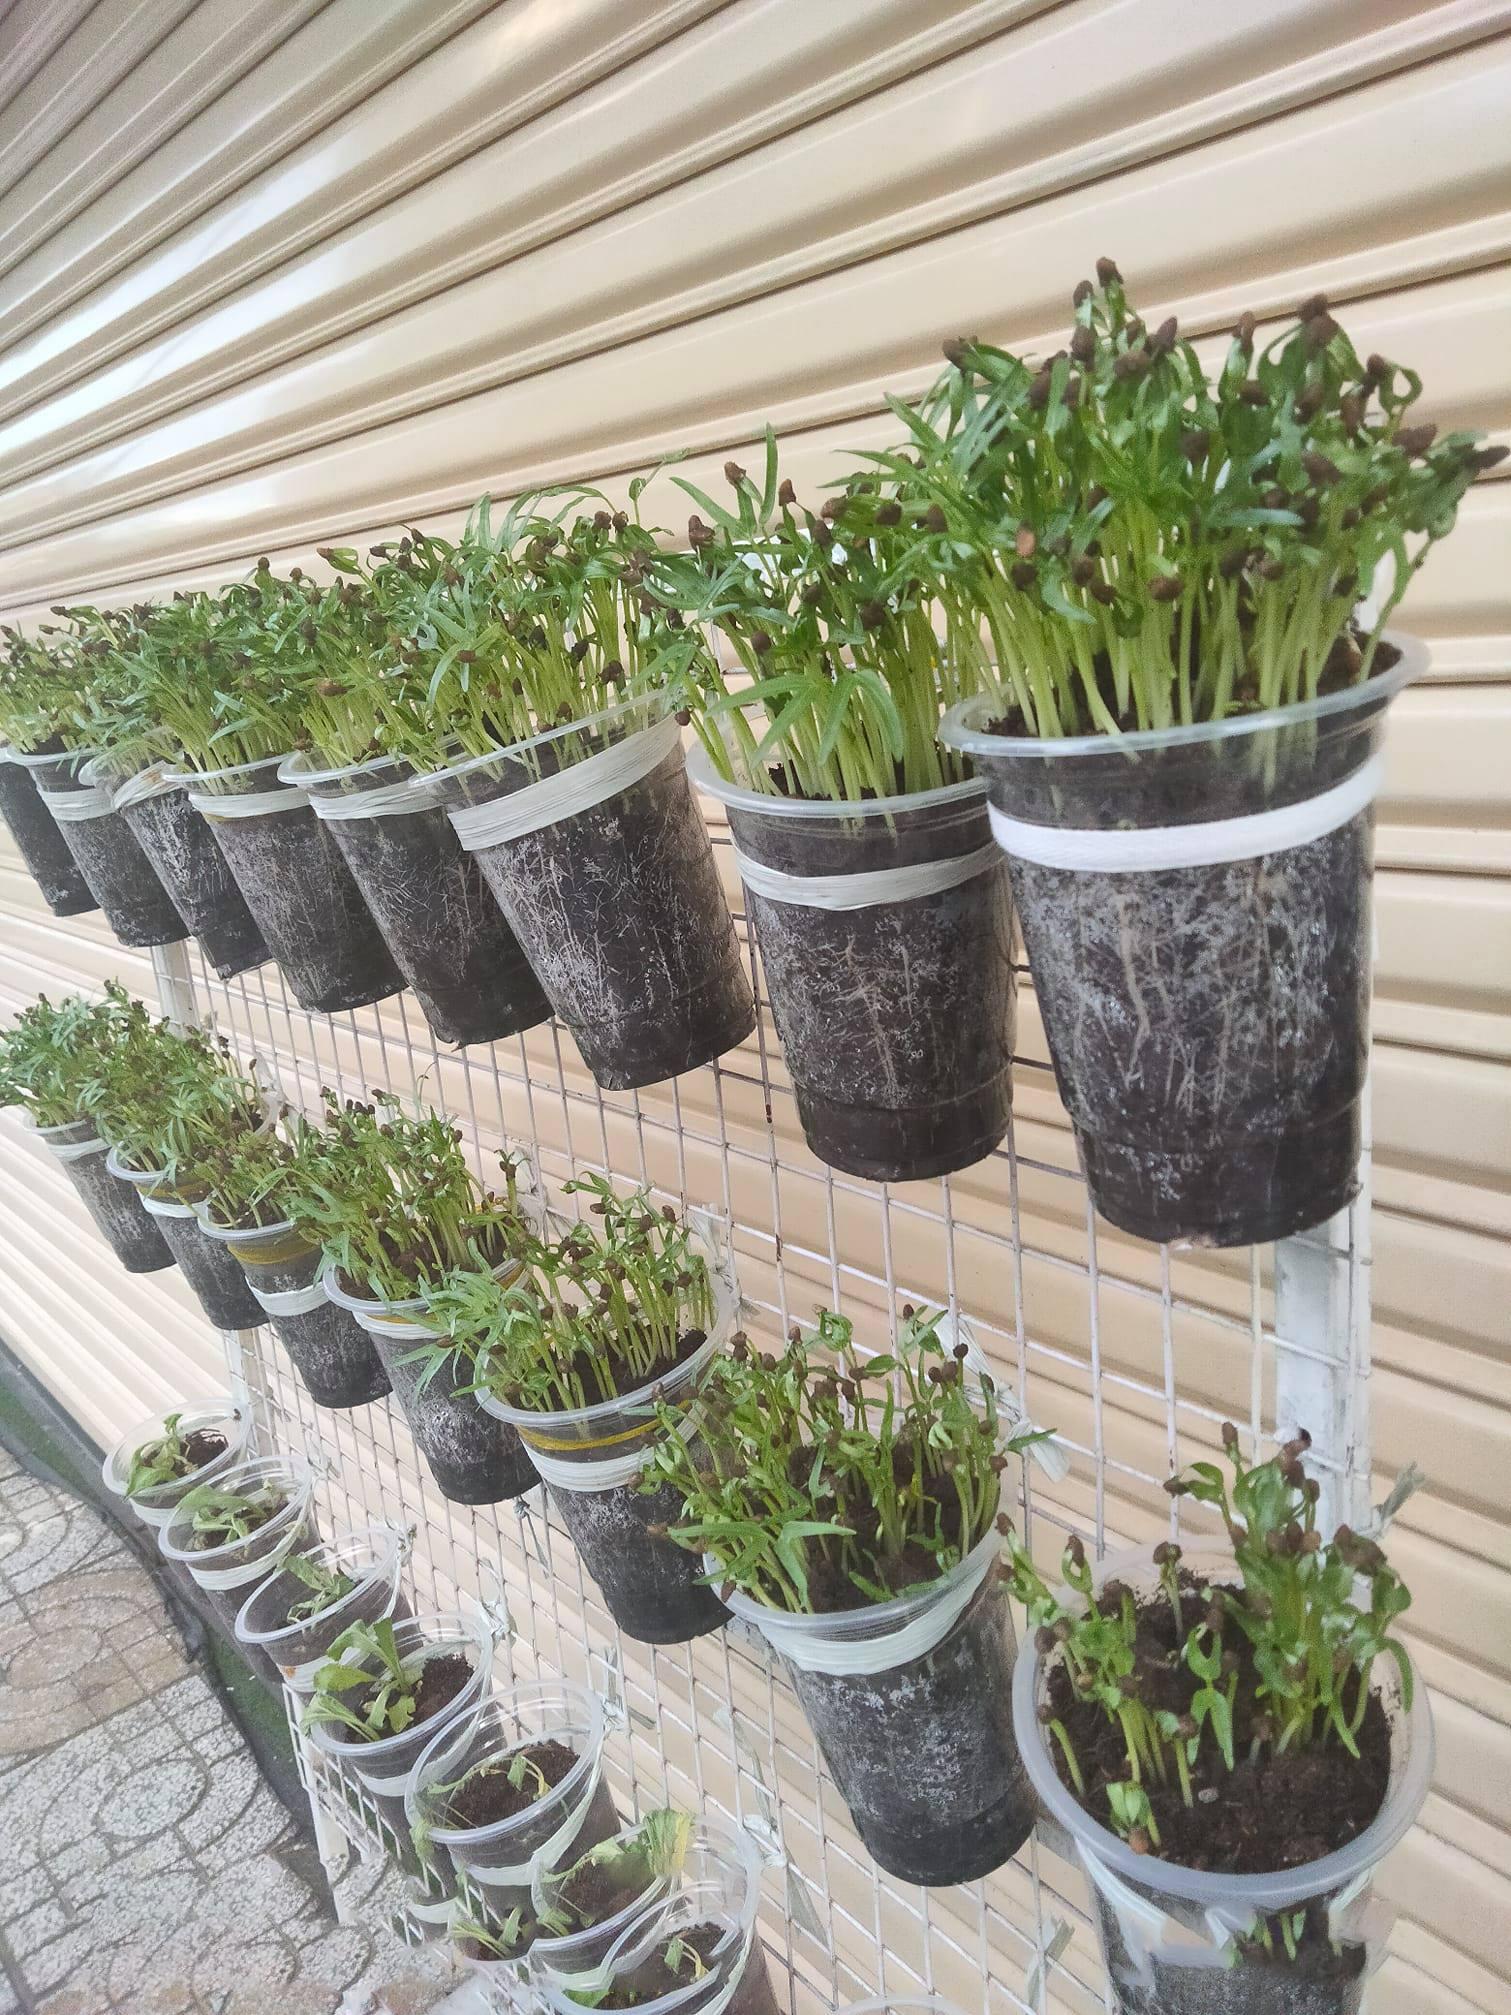 Học cô gái Tiền Giang tận dụng chai nhựa trồng rau sạch trong mùa dịch - Ảnh 10.